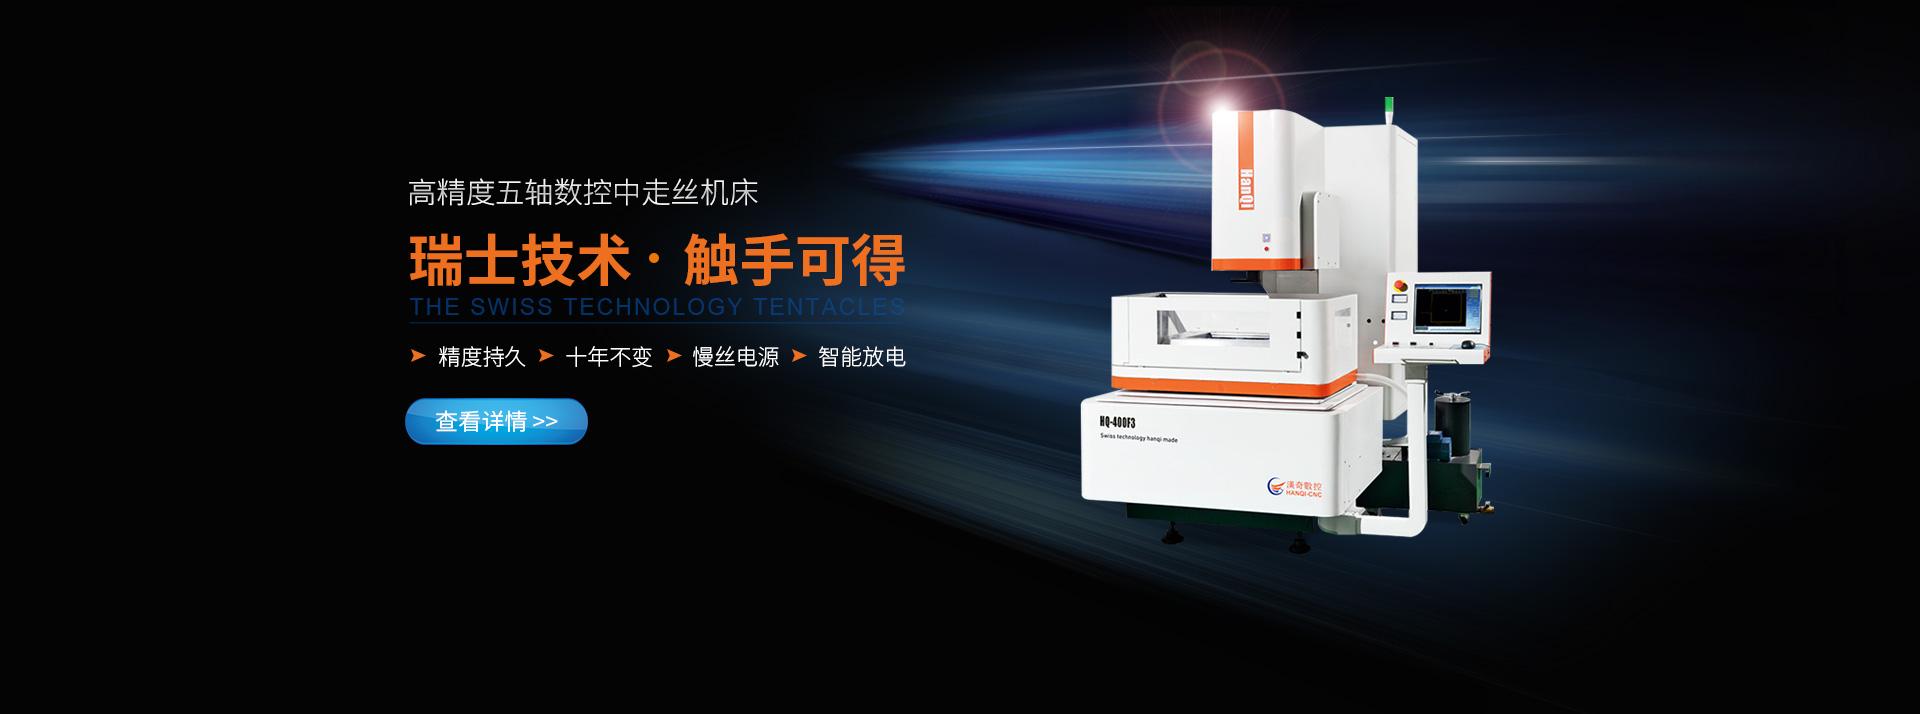 苏州www.haole018.com数控设备有限公司